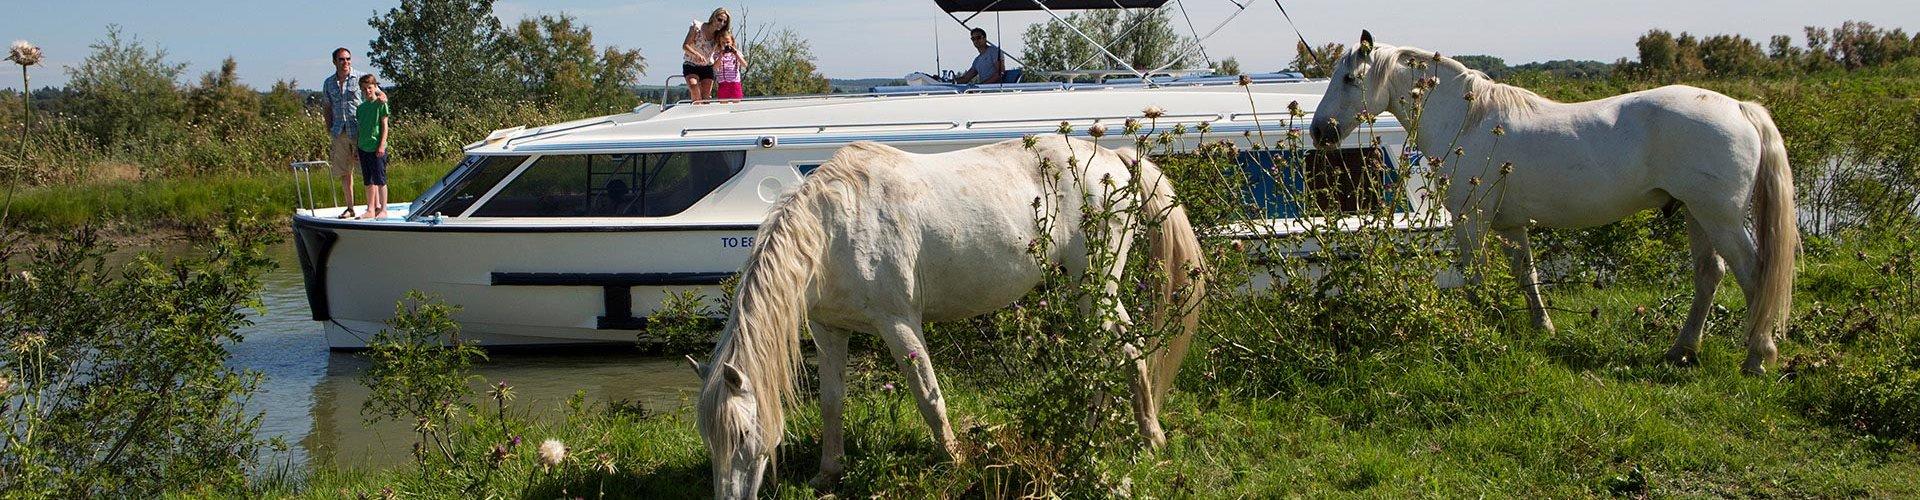 Vacances en bateau pour les amateurs d'équitation